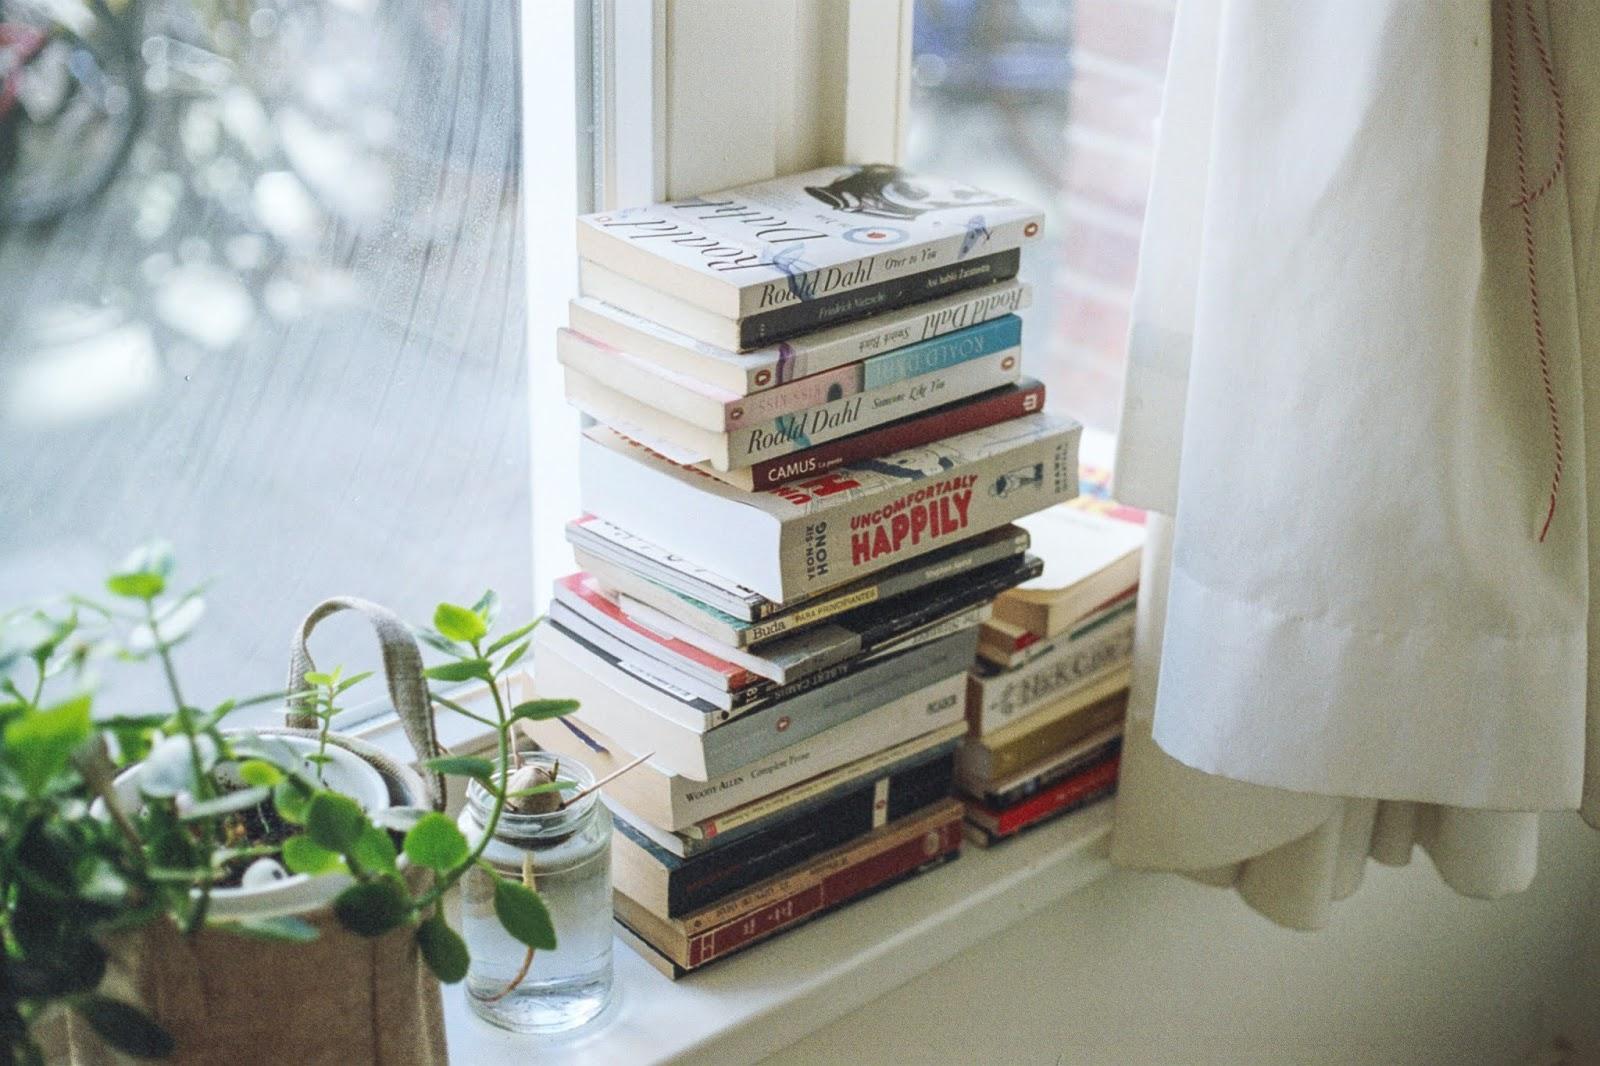 Επιταγές βιβλίων ΟΑΕΔ: Που εξαργυρώνονται στην Ξάνθη